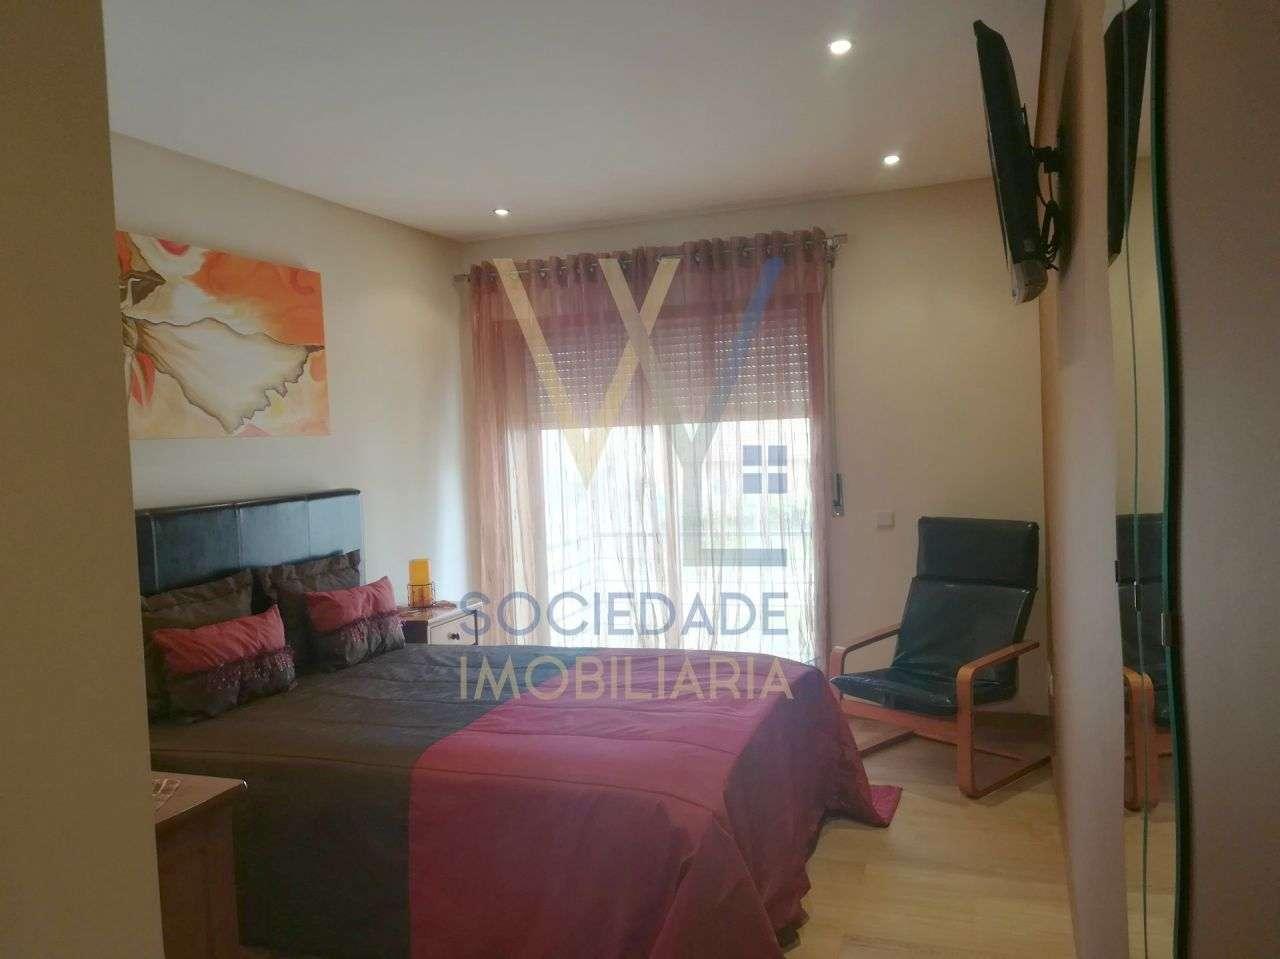 Apartamento para comprar, São Felix da Marinha, Vila Nova de Gaia, Porto - Foto 27